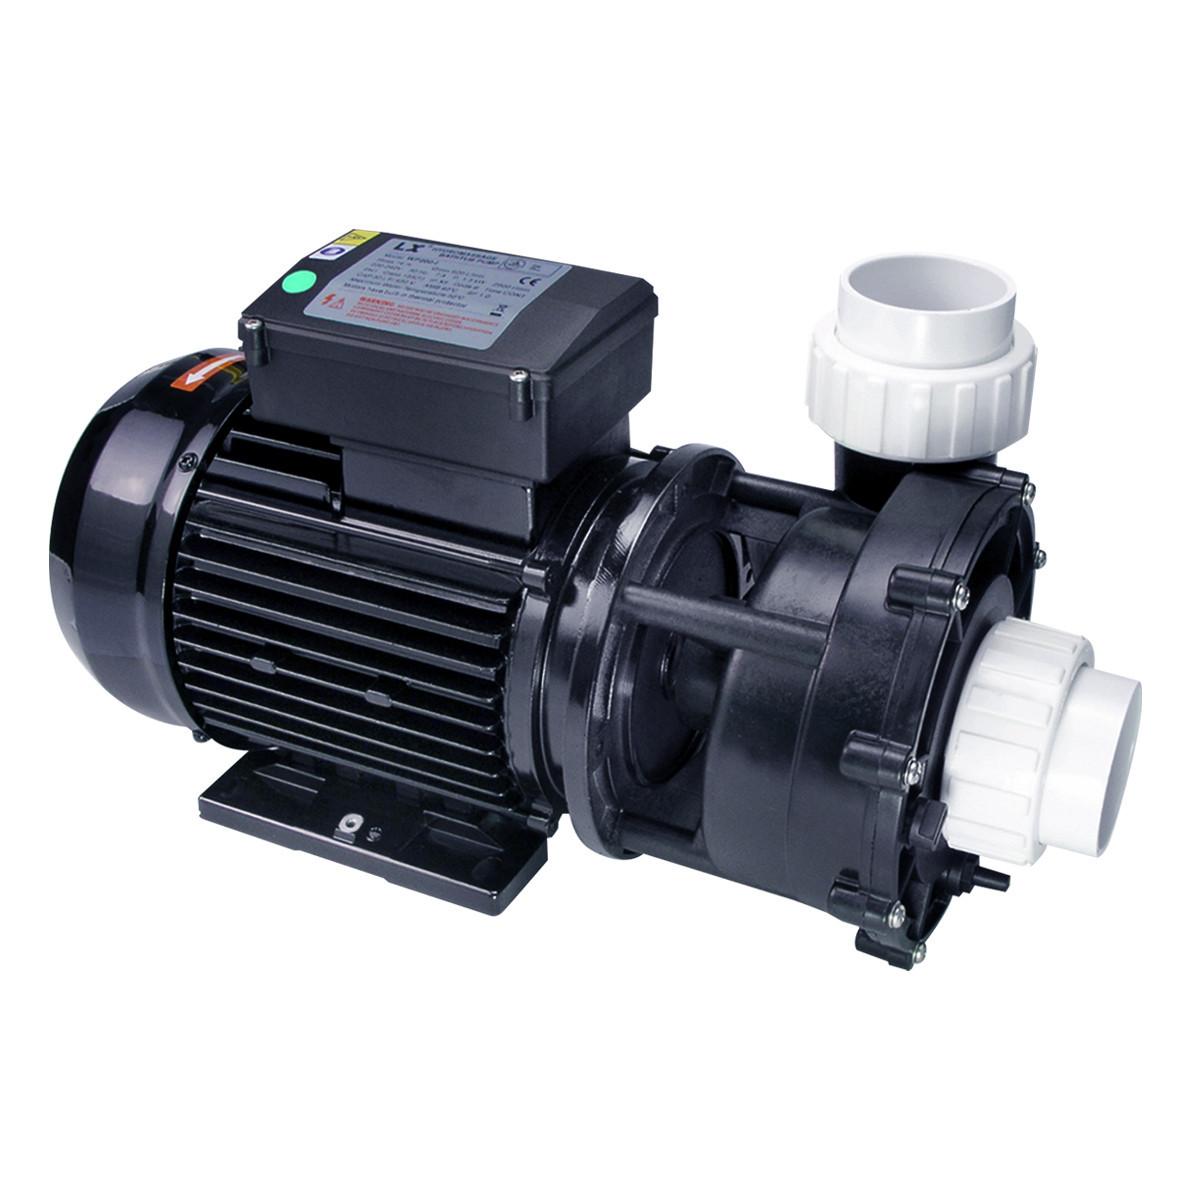 Насос AquaViva LX LP300T/OS300T 35 м3/ч (3HP, 380В), для аттракционов (без префильтра)